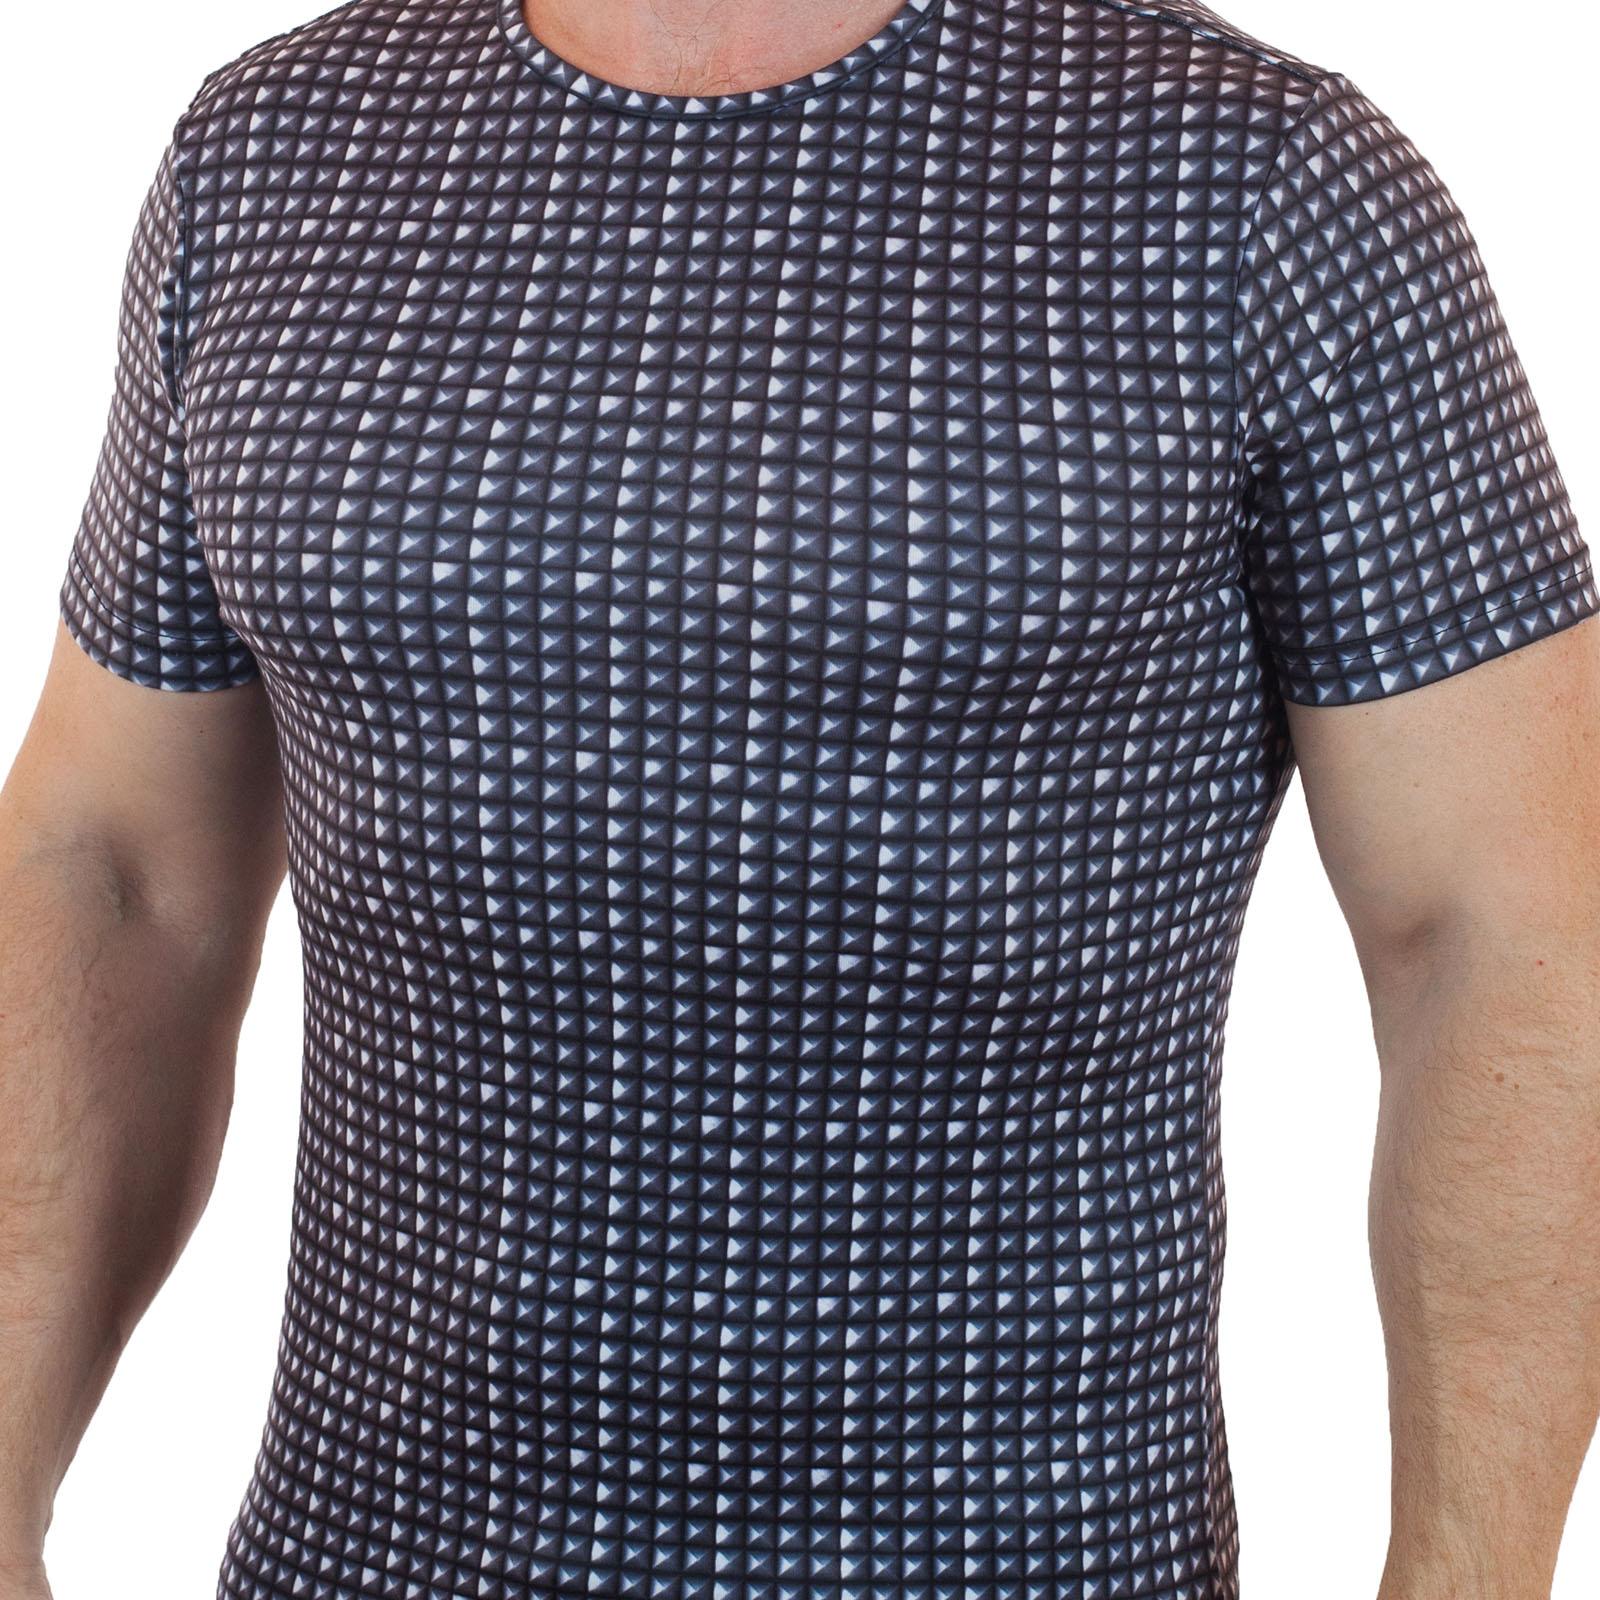 Топовая футболка Splash® для самодостаточных мужчин